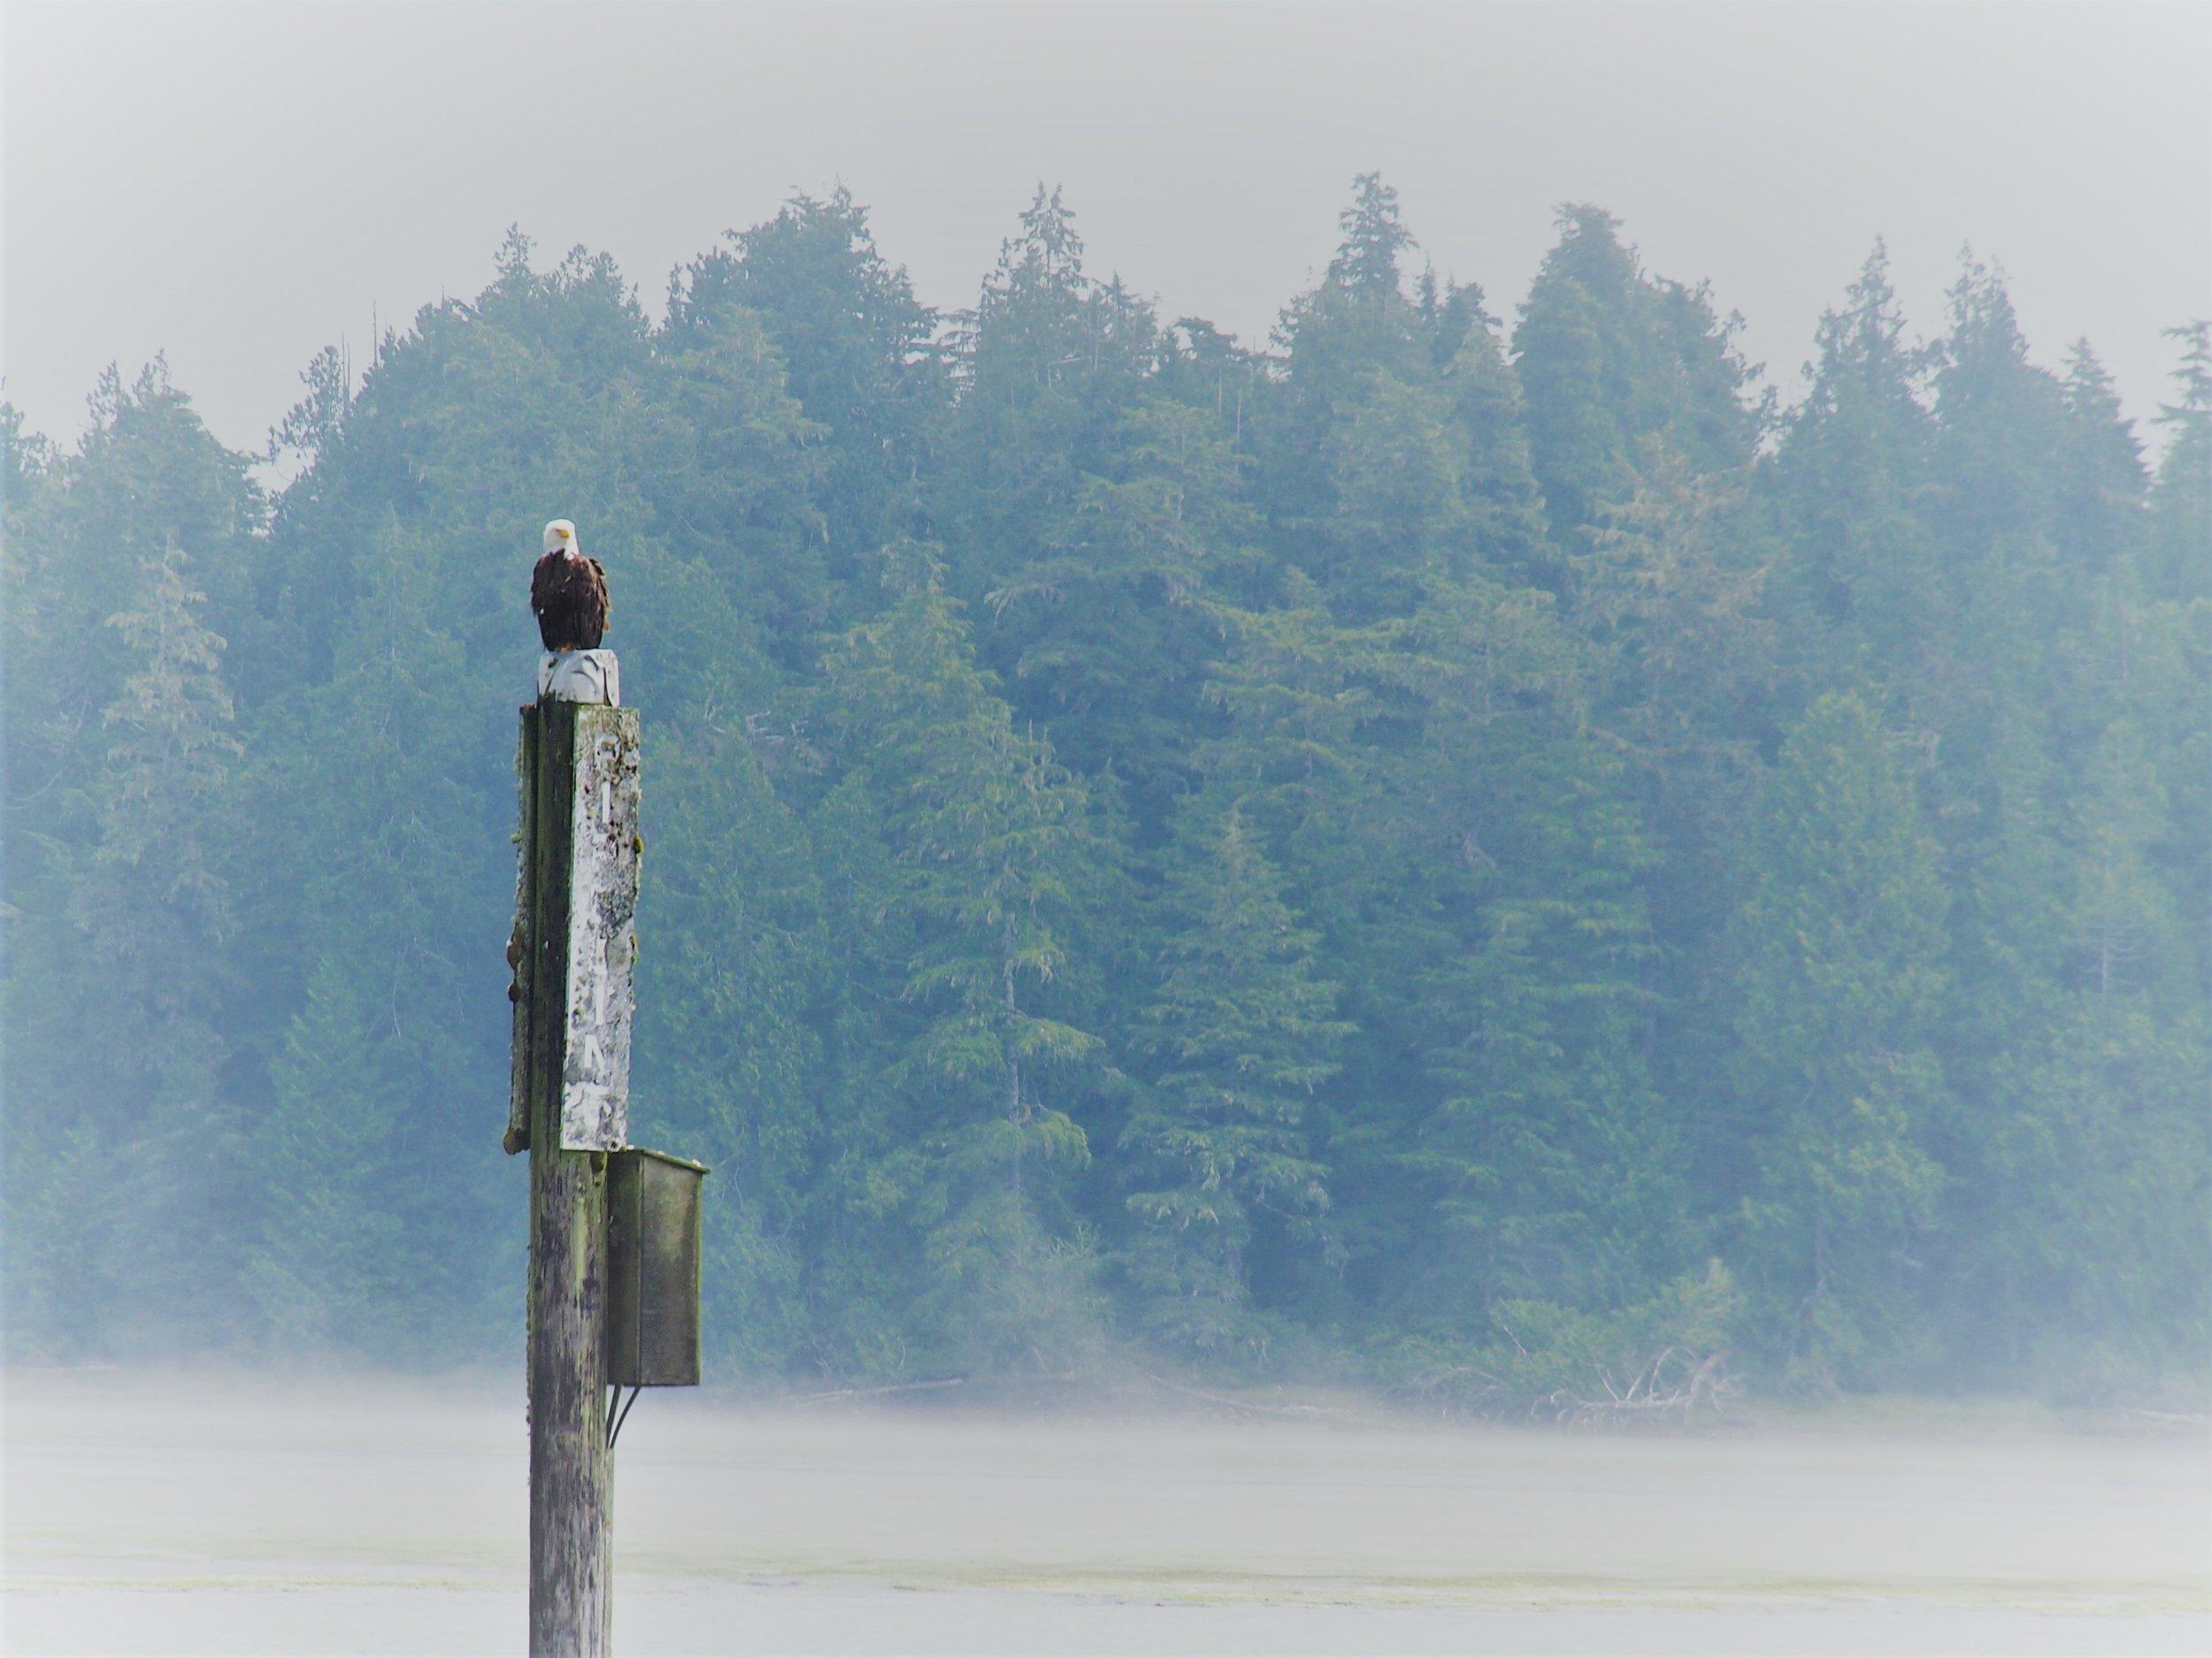 Bald eagle greets you